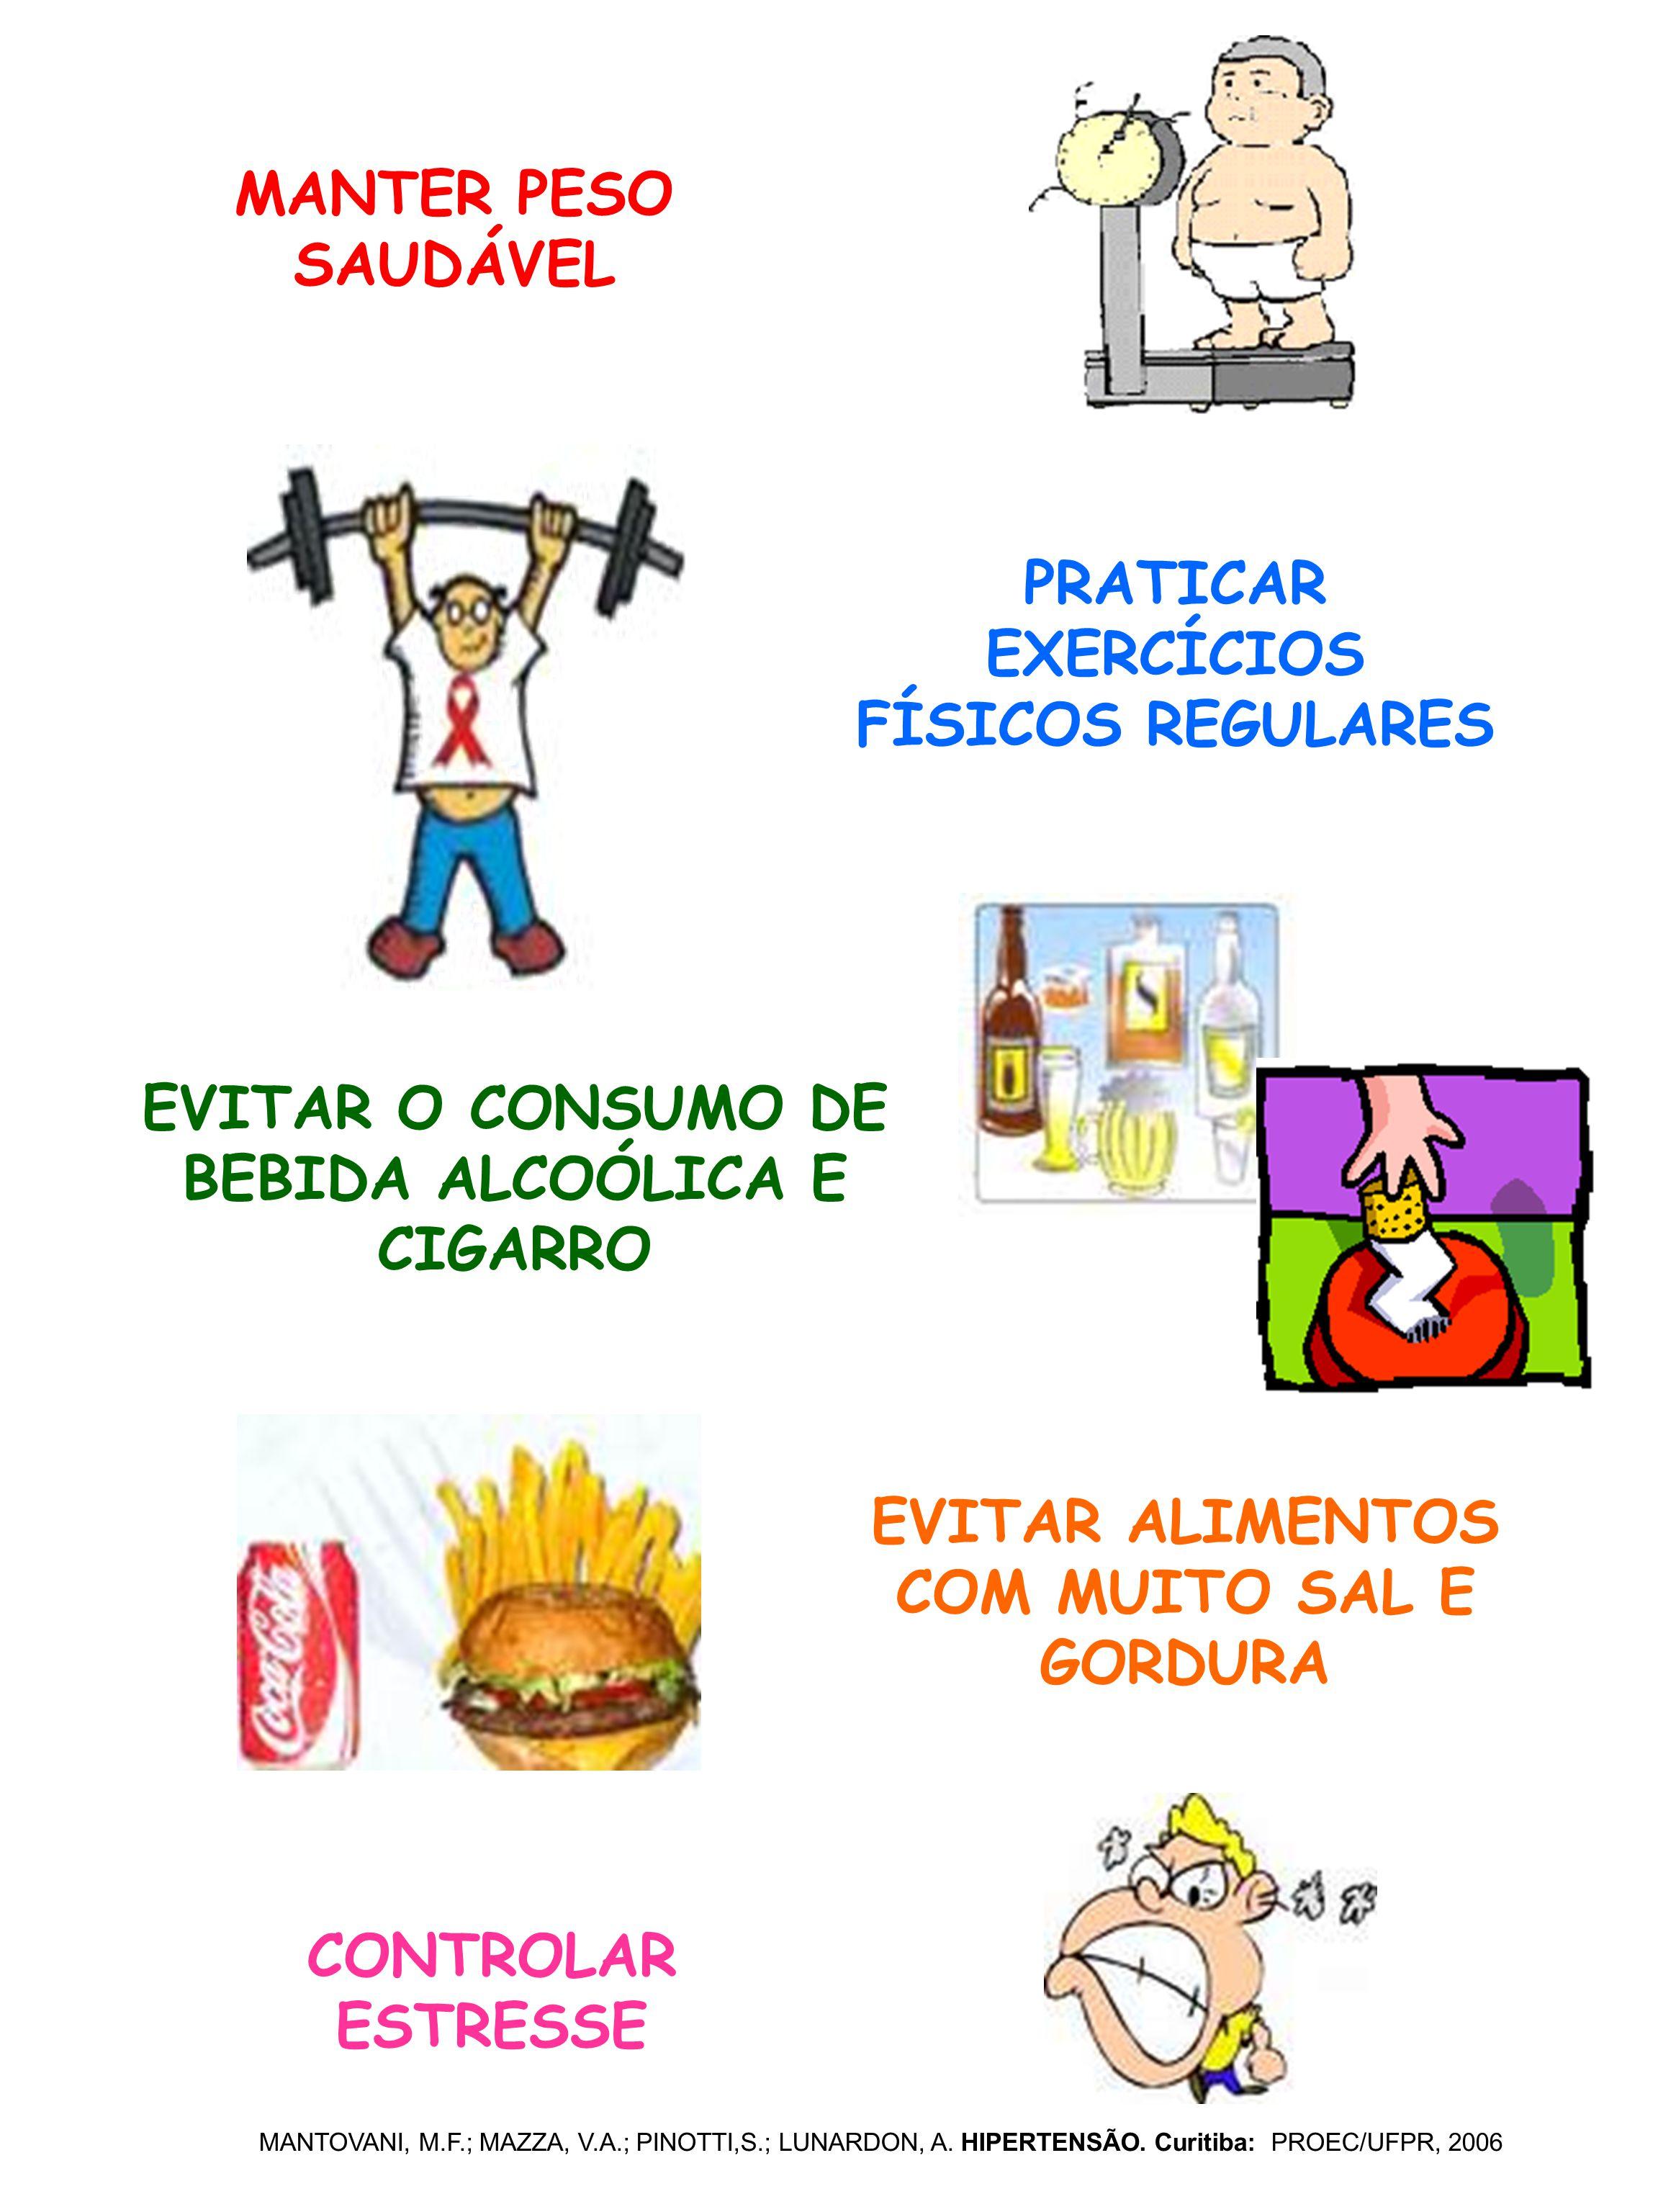 MANTER PESO SAUDÁVEL PRATICAR EXERCÍCIOS FÍSICOS REGULARES EVITAR O CONSUMO DE BEBIDA ALCOÓLICA E CIGARRO EVITAR ALIMENTOS COM MUITO SAL E GORDURA CON